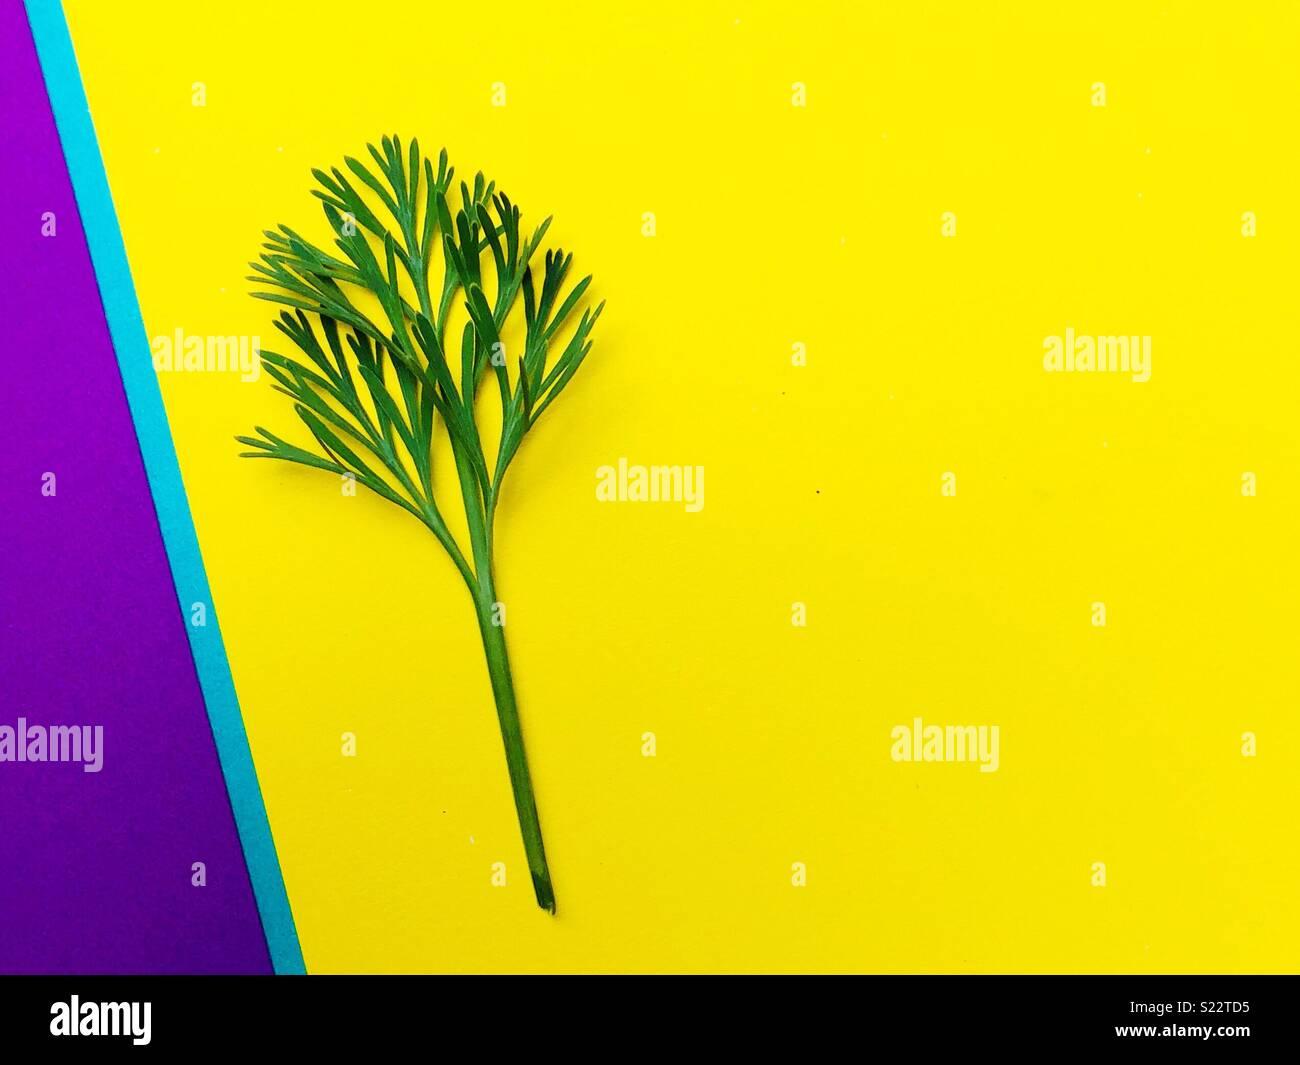 Una hoja sobre un fondo amarillo y violeta Imagen De Stock